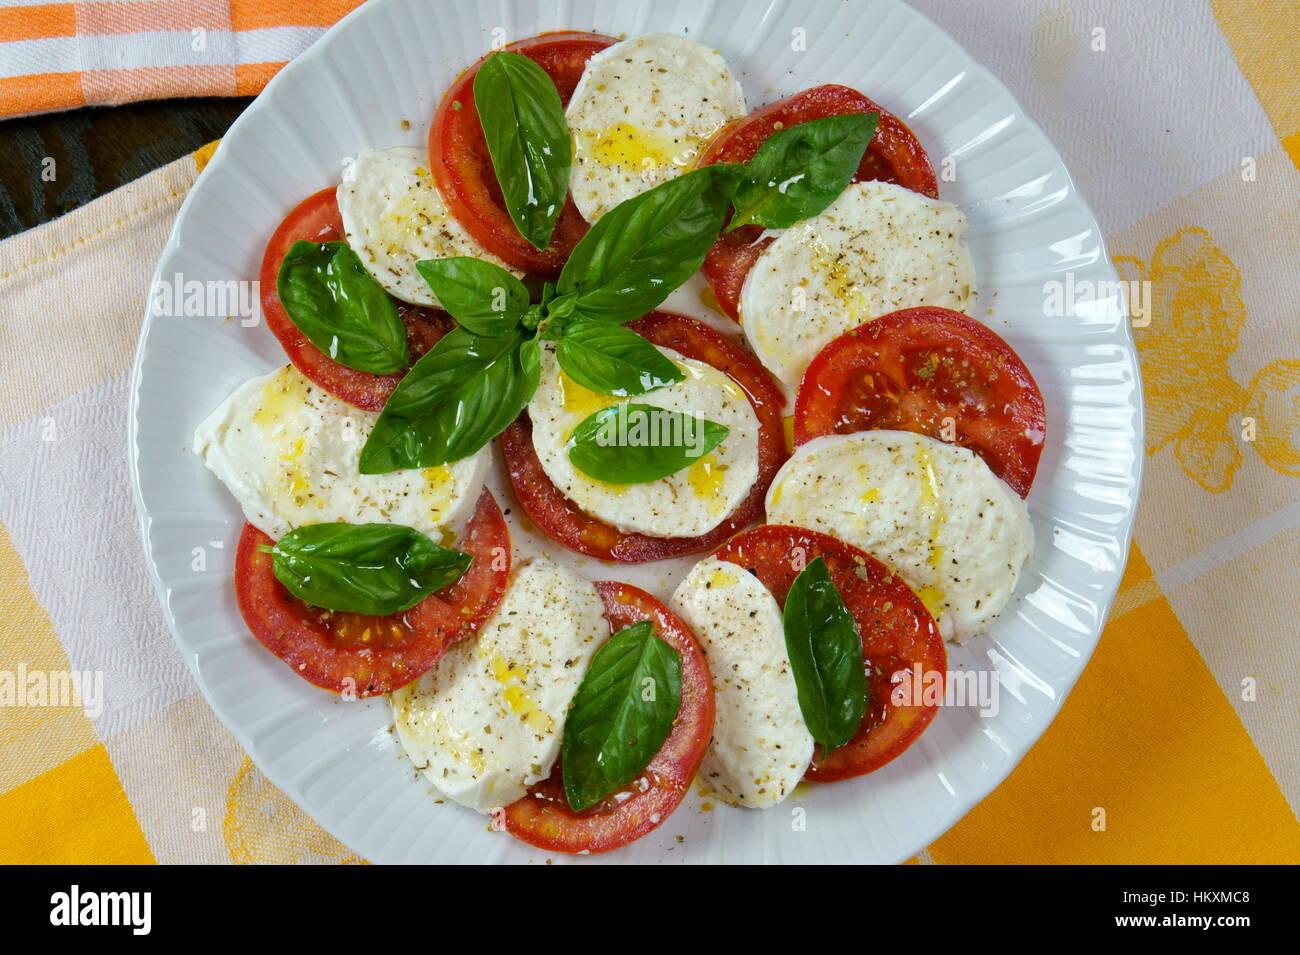 La tomate et mozzarella de bufflonne salade caprese colorés sur des torchons de cuisine - Préparé Photo Stock